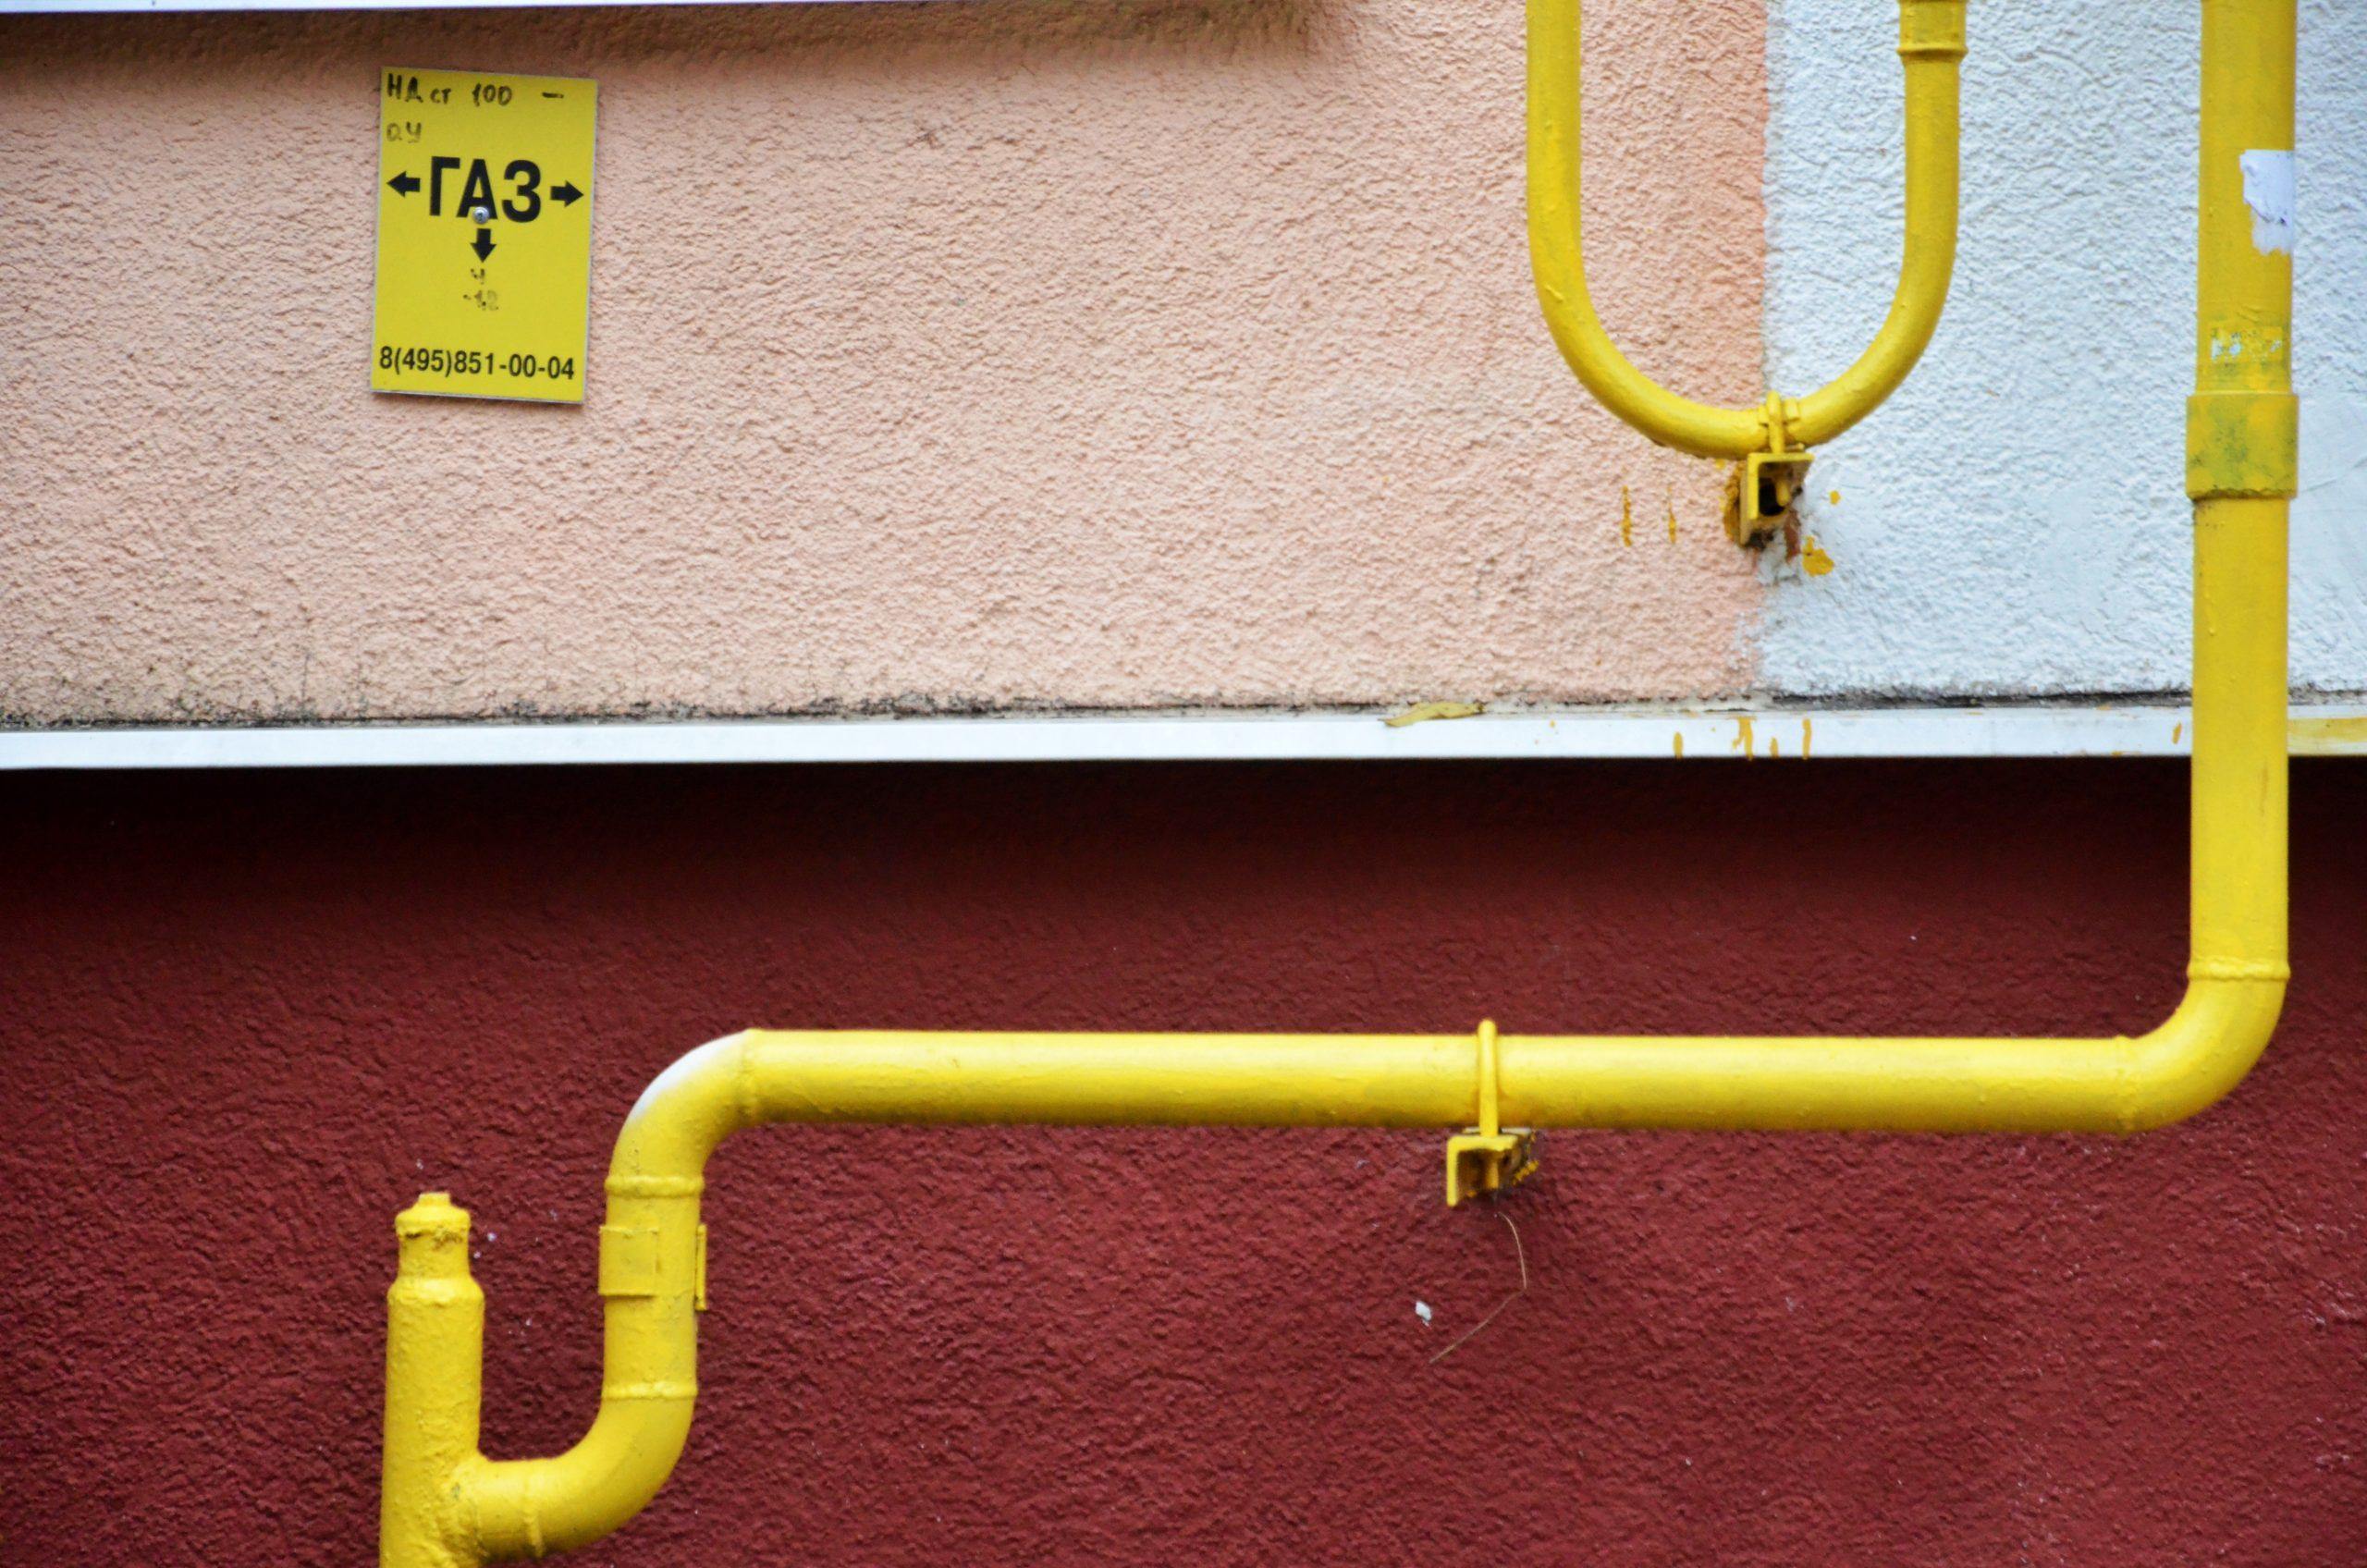 Около 70 километров газопровода высокого давления появится в Новой Москве